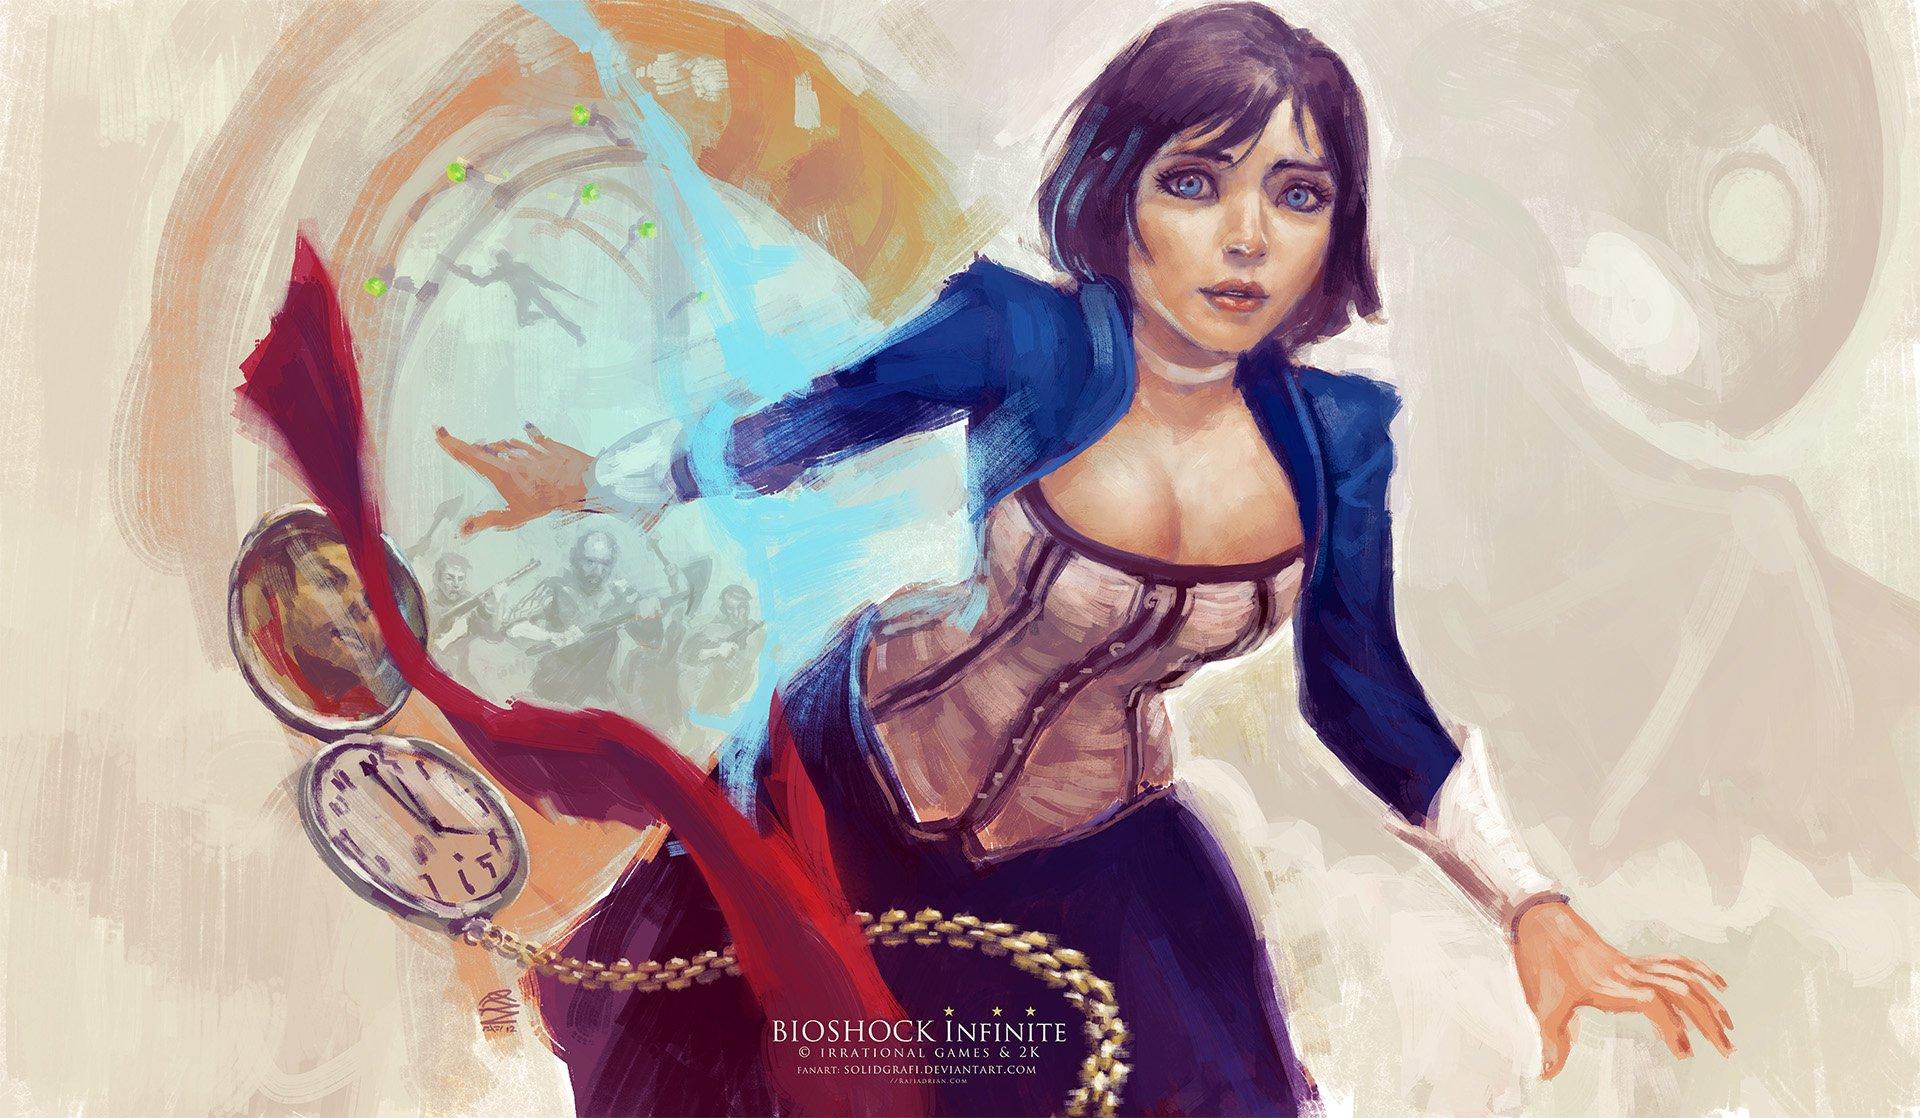 Шесть часов беспрерывной игры в Bioshock Infinite практически с самого момента релиза и вот я готов поделиться пер ... - Изображение 1